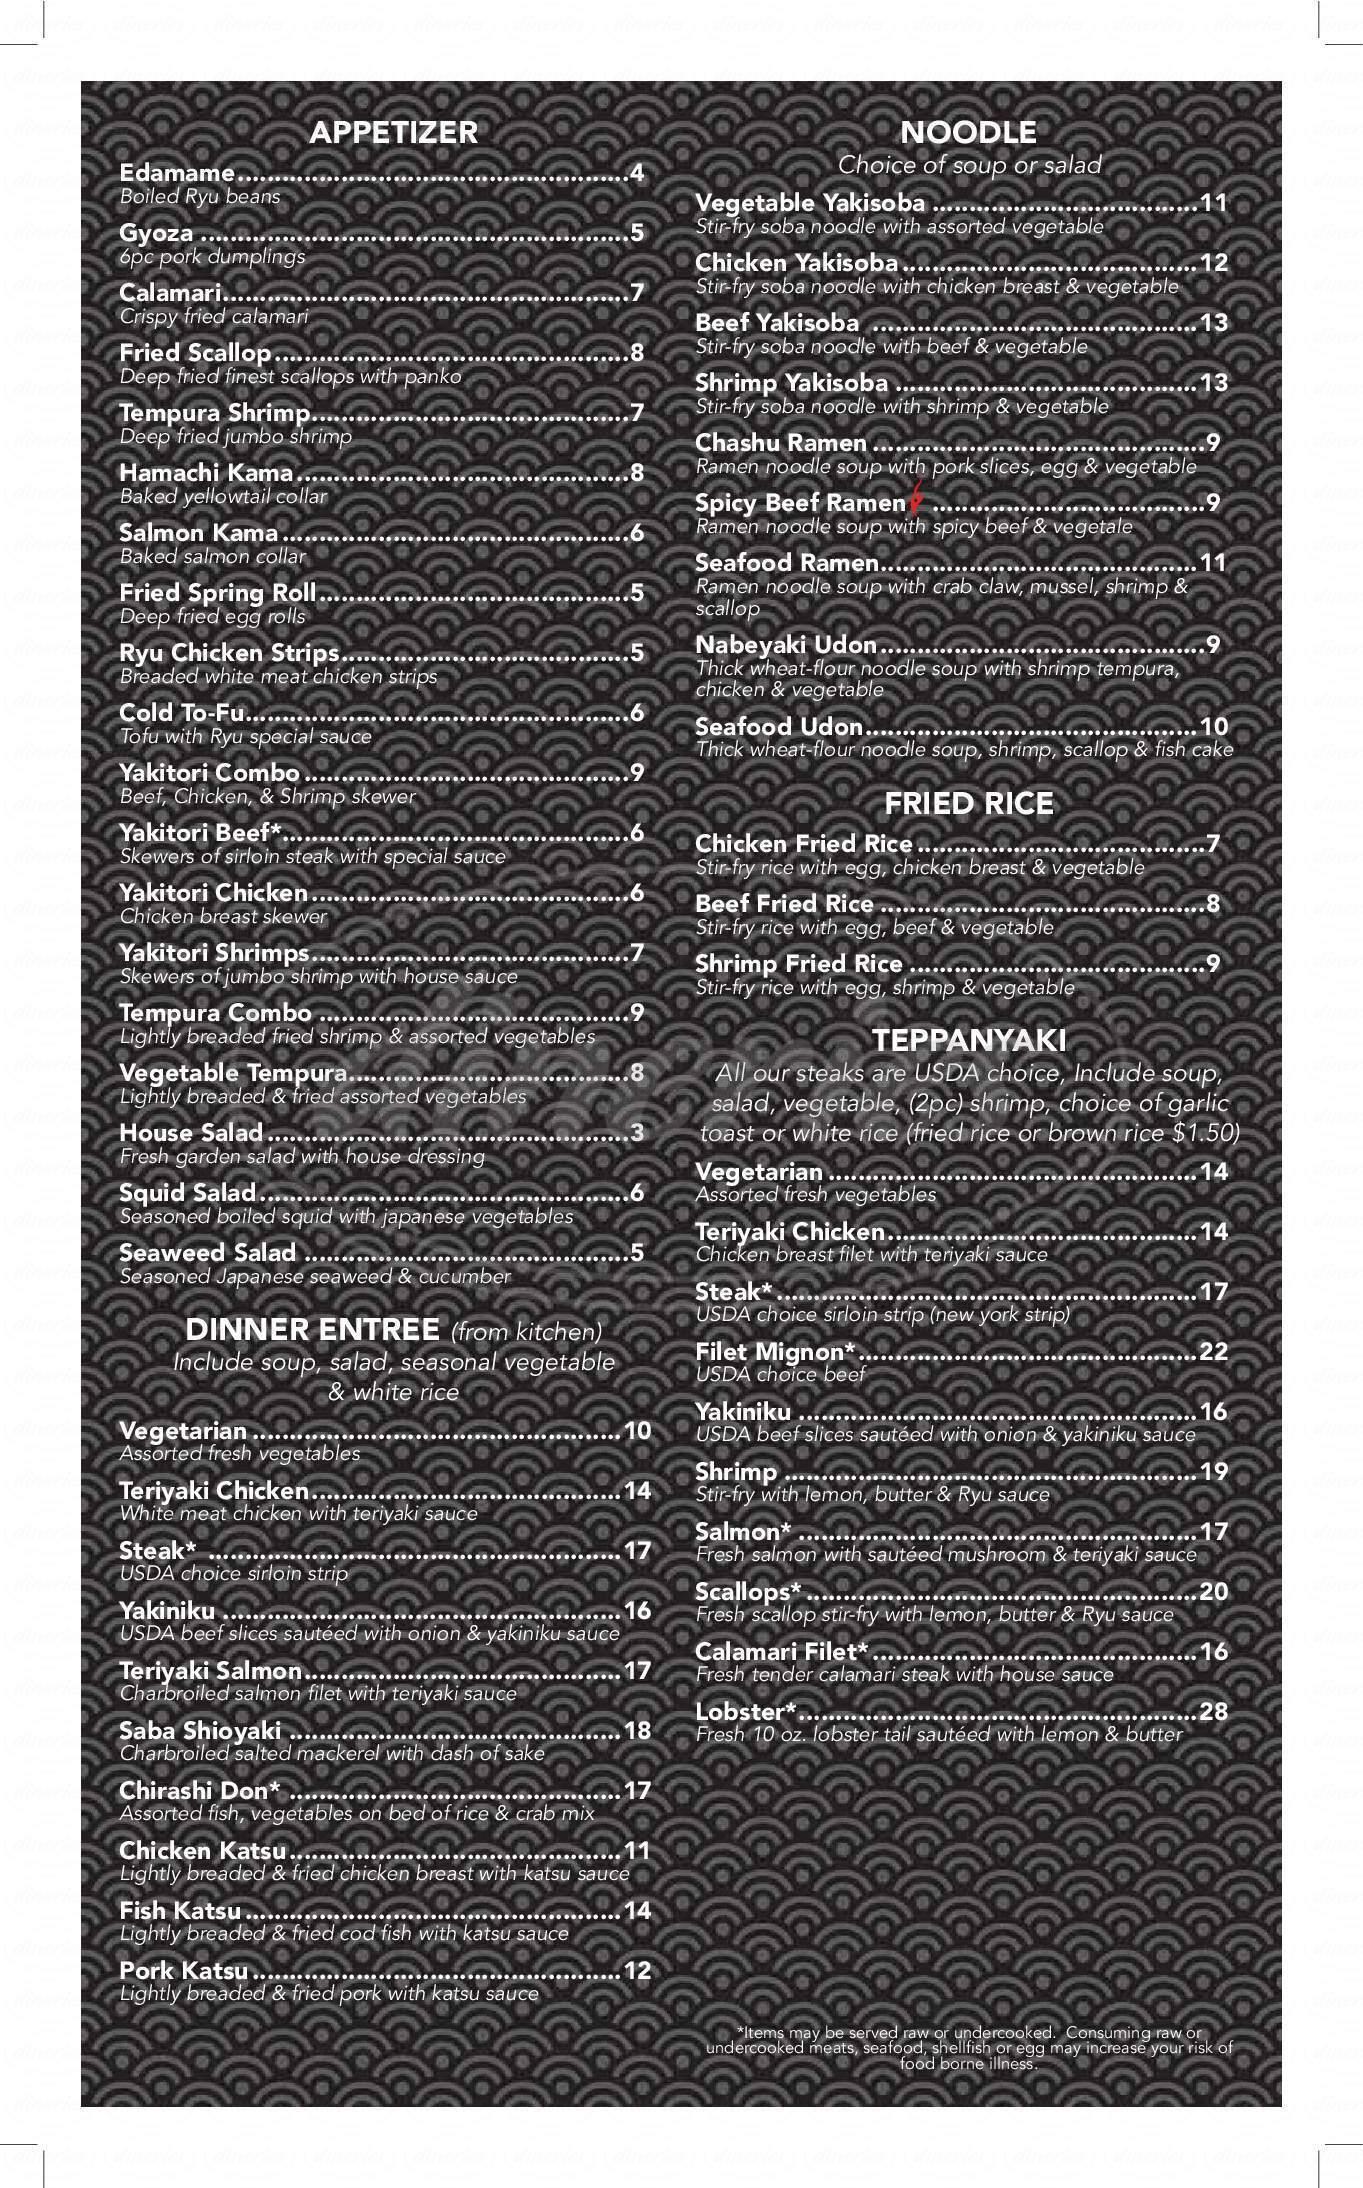 menu for Ryu Sushi & Teppanyaki